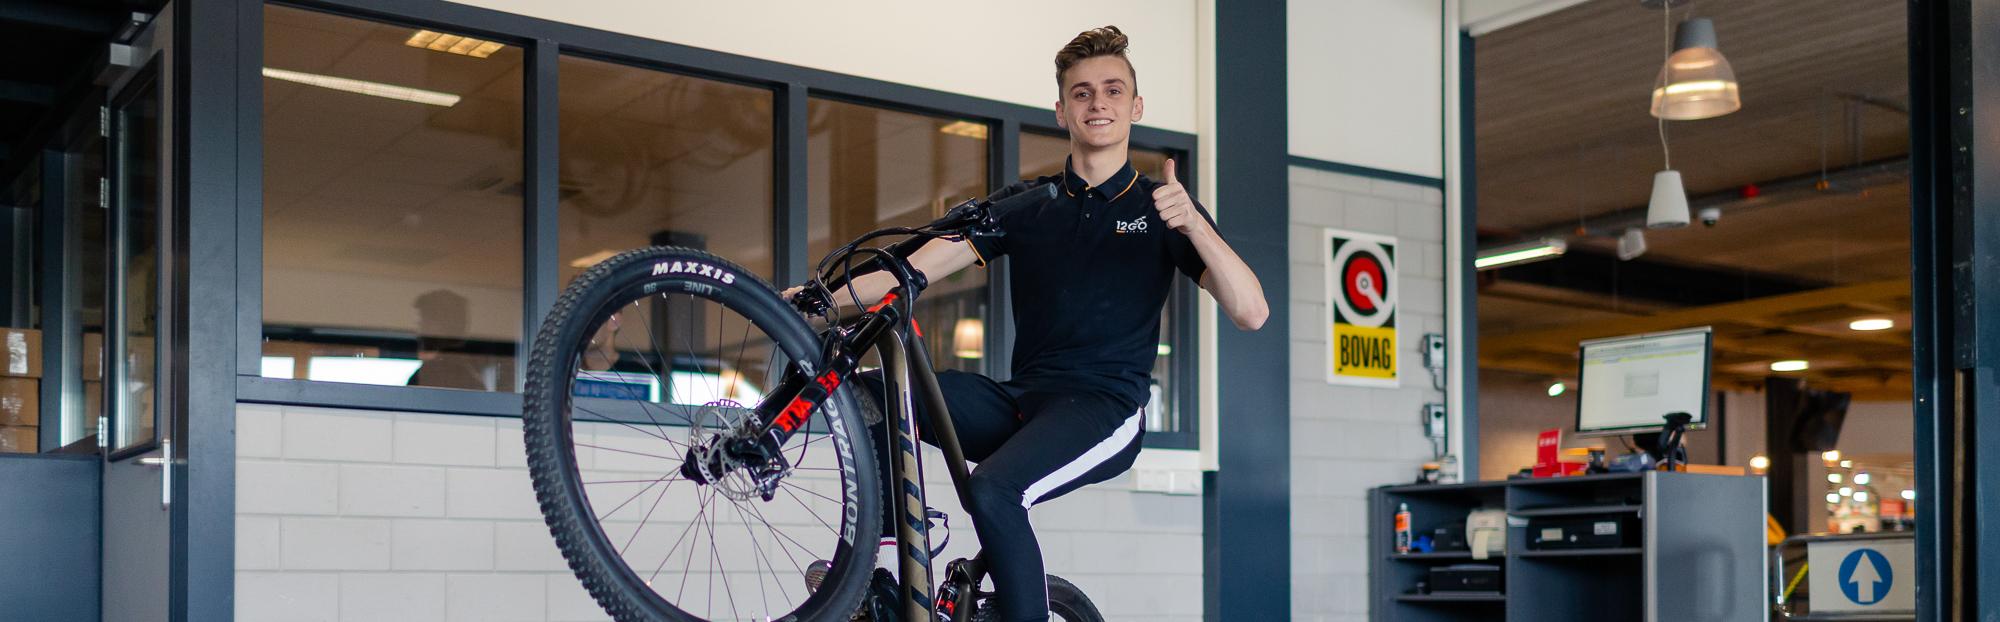 BBL-opleiding van 12GO Biking krijgt vervolg